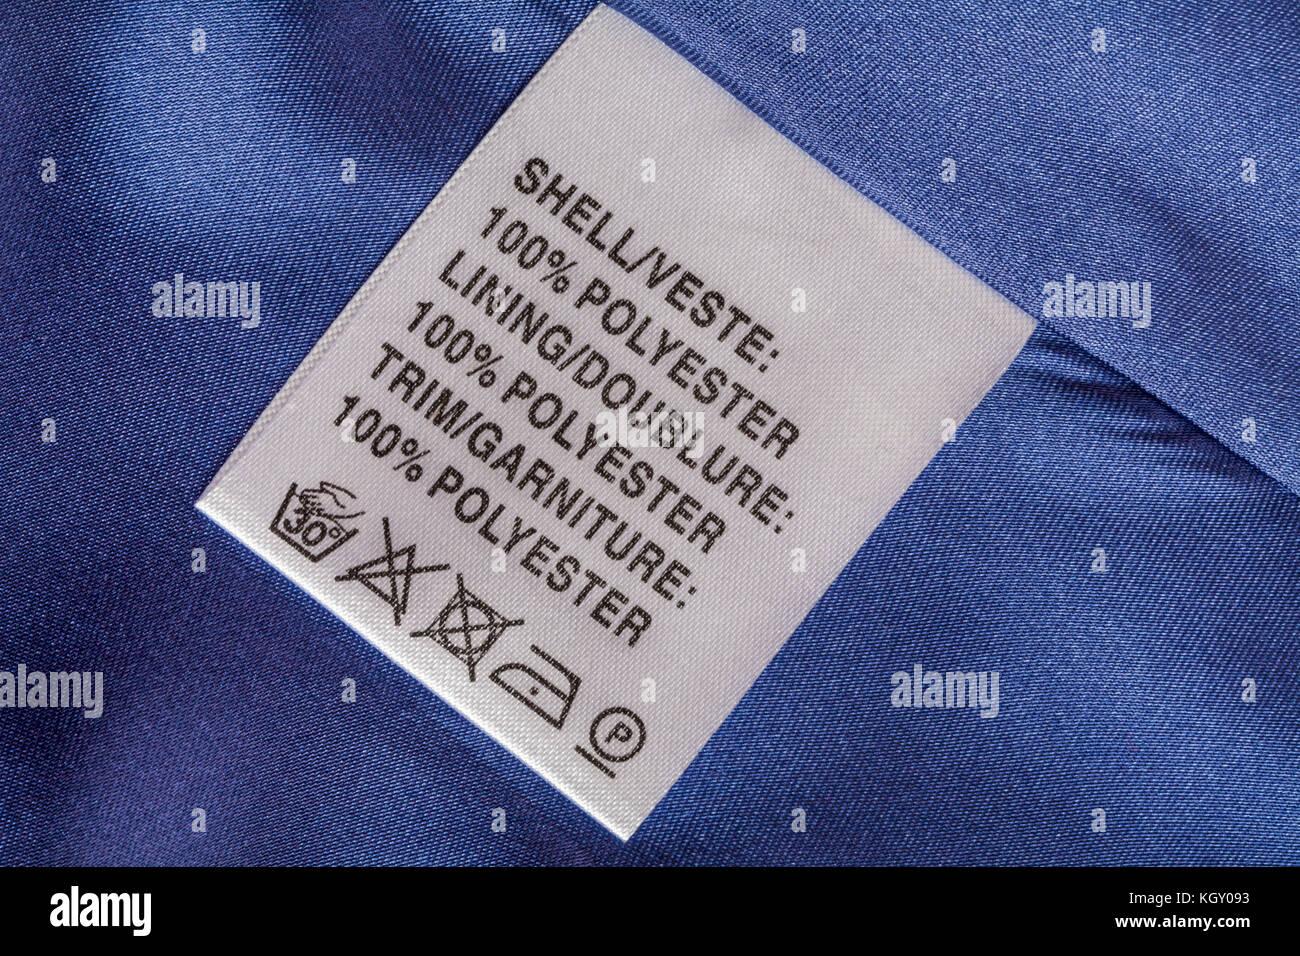 Jacket Clothing Symbols Washing Care Instructions Lining Stock